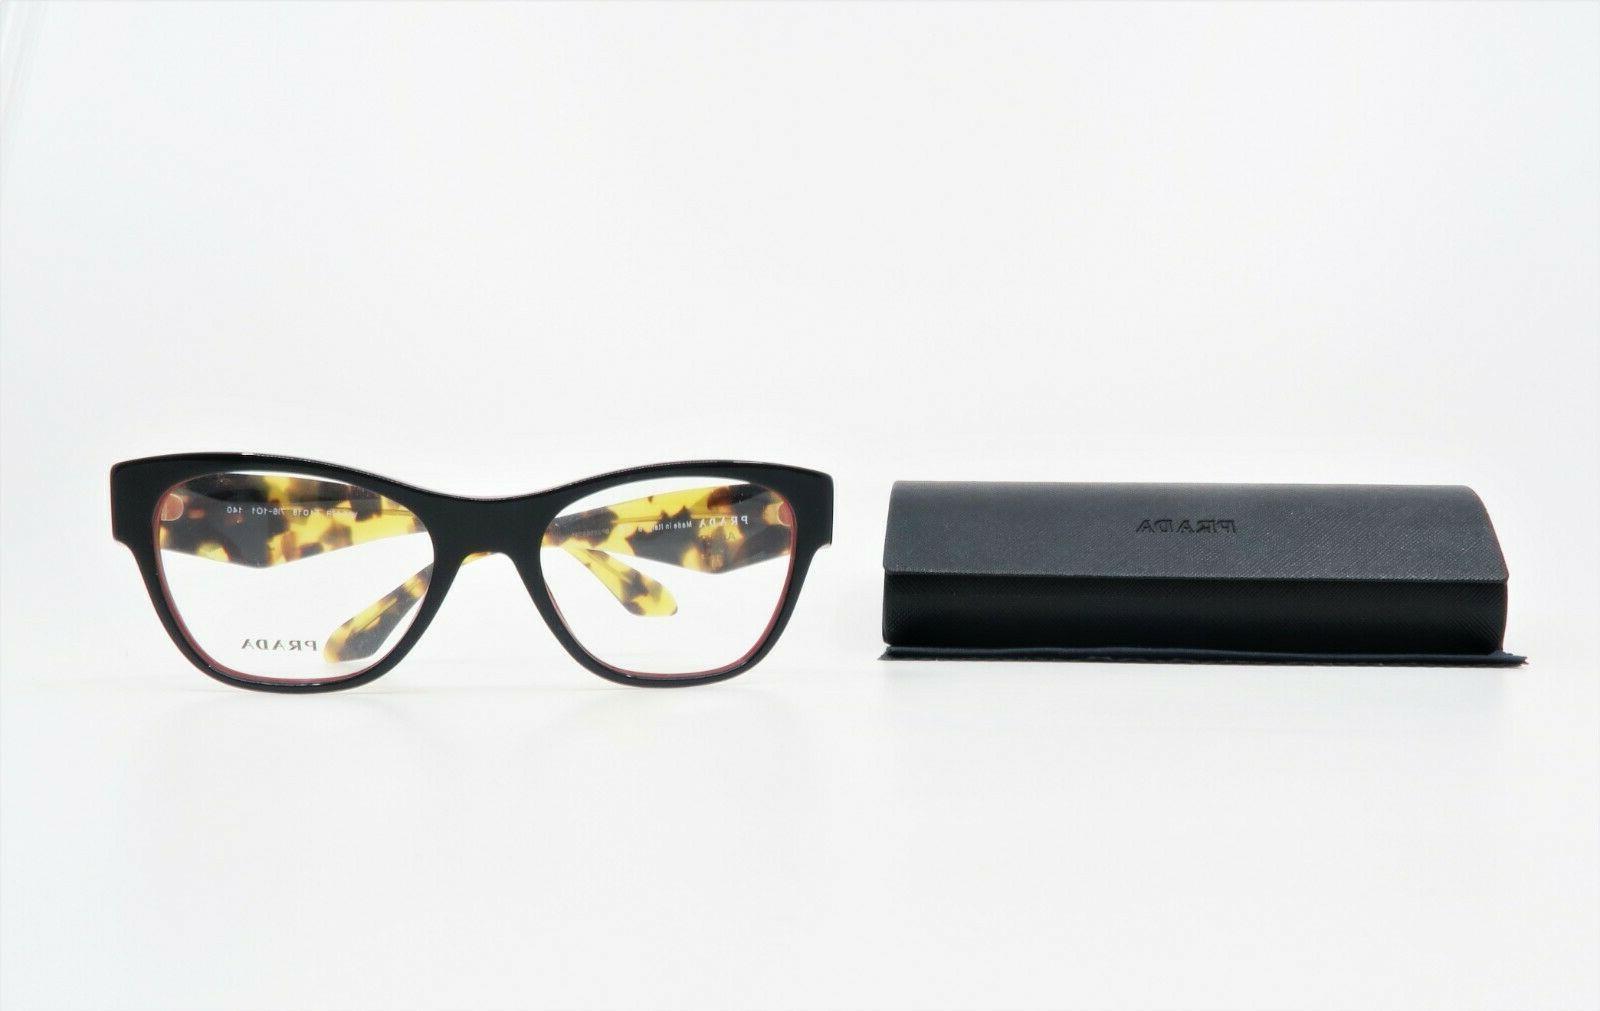 Prada Rectangular Black/Crystals Glasses case 07R